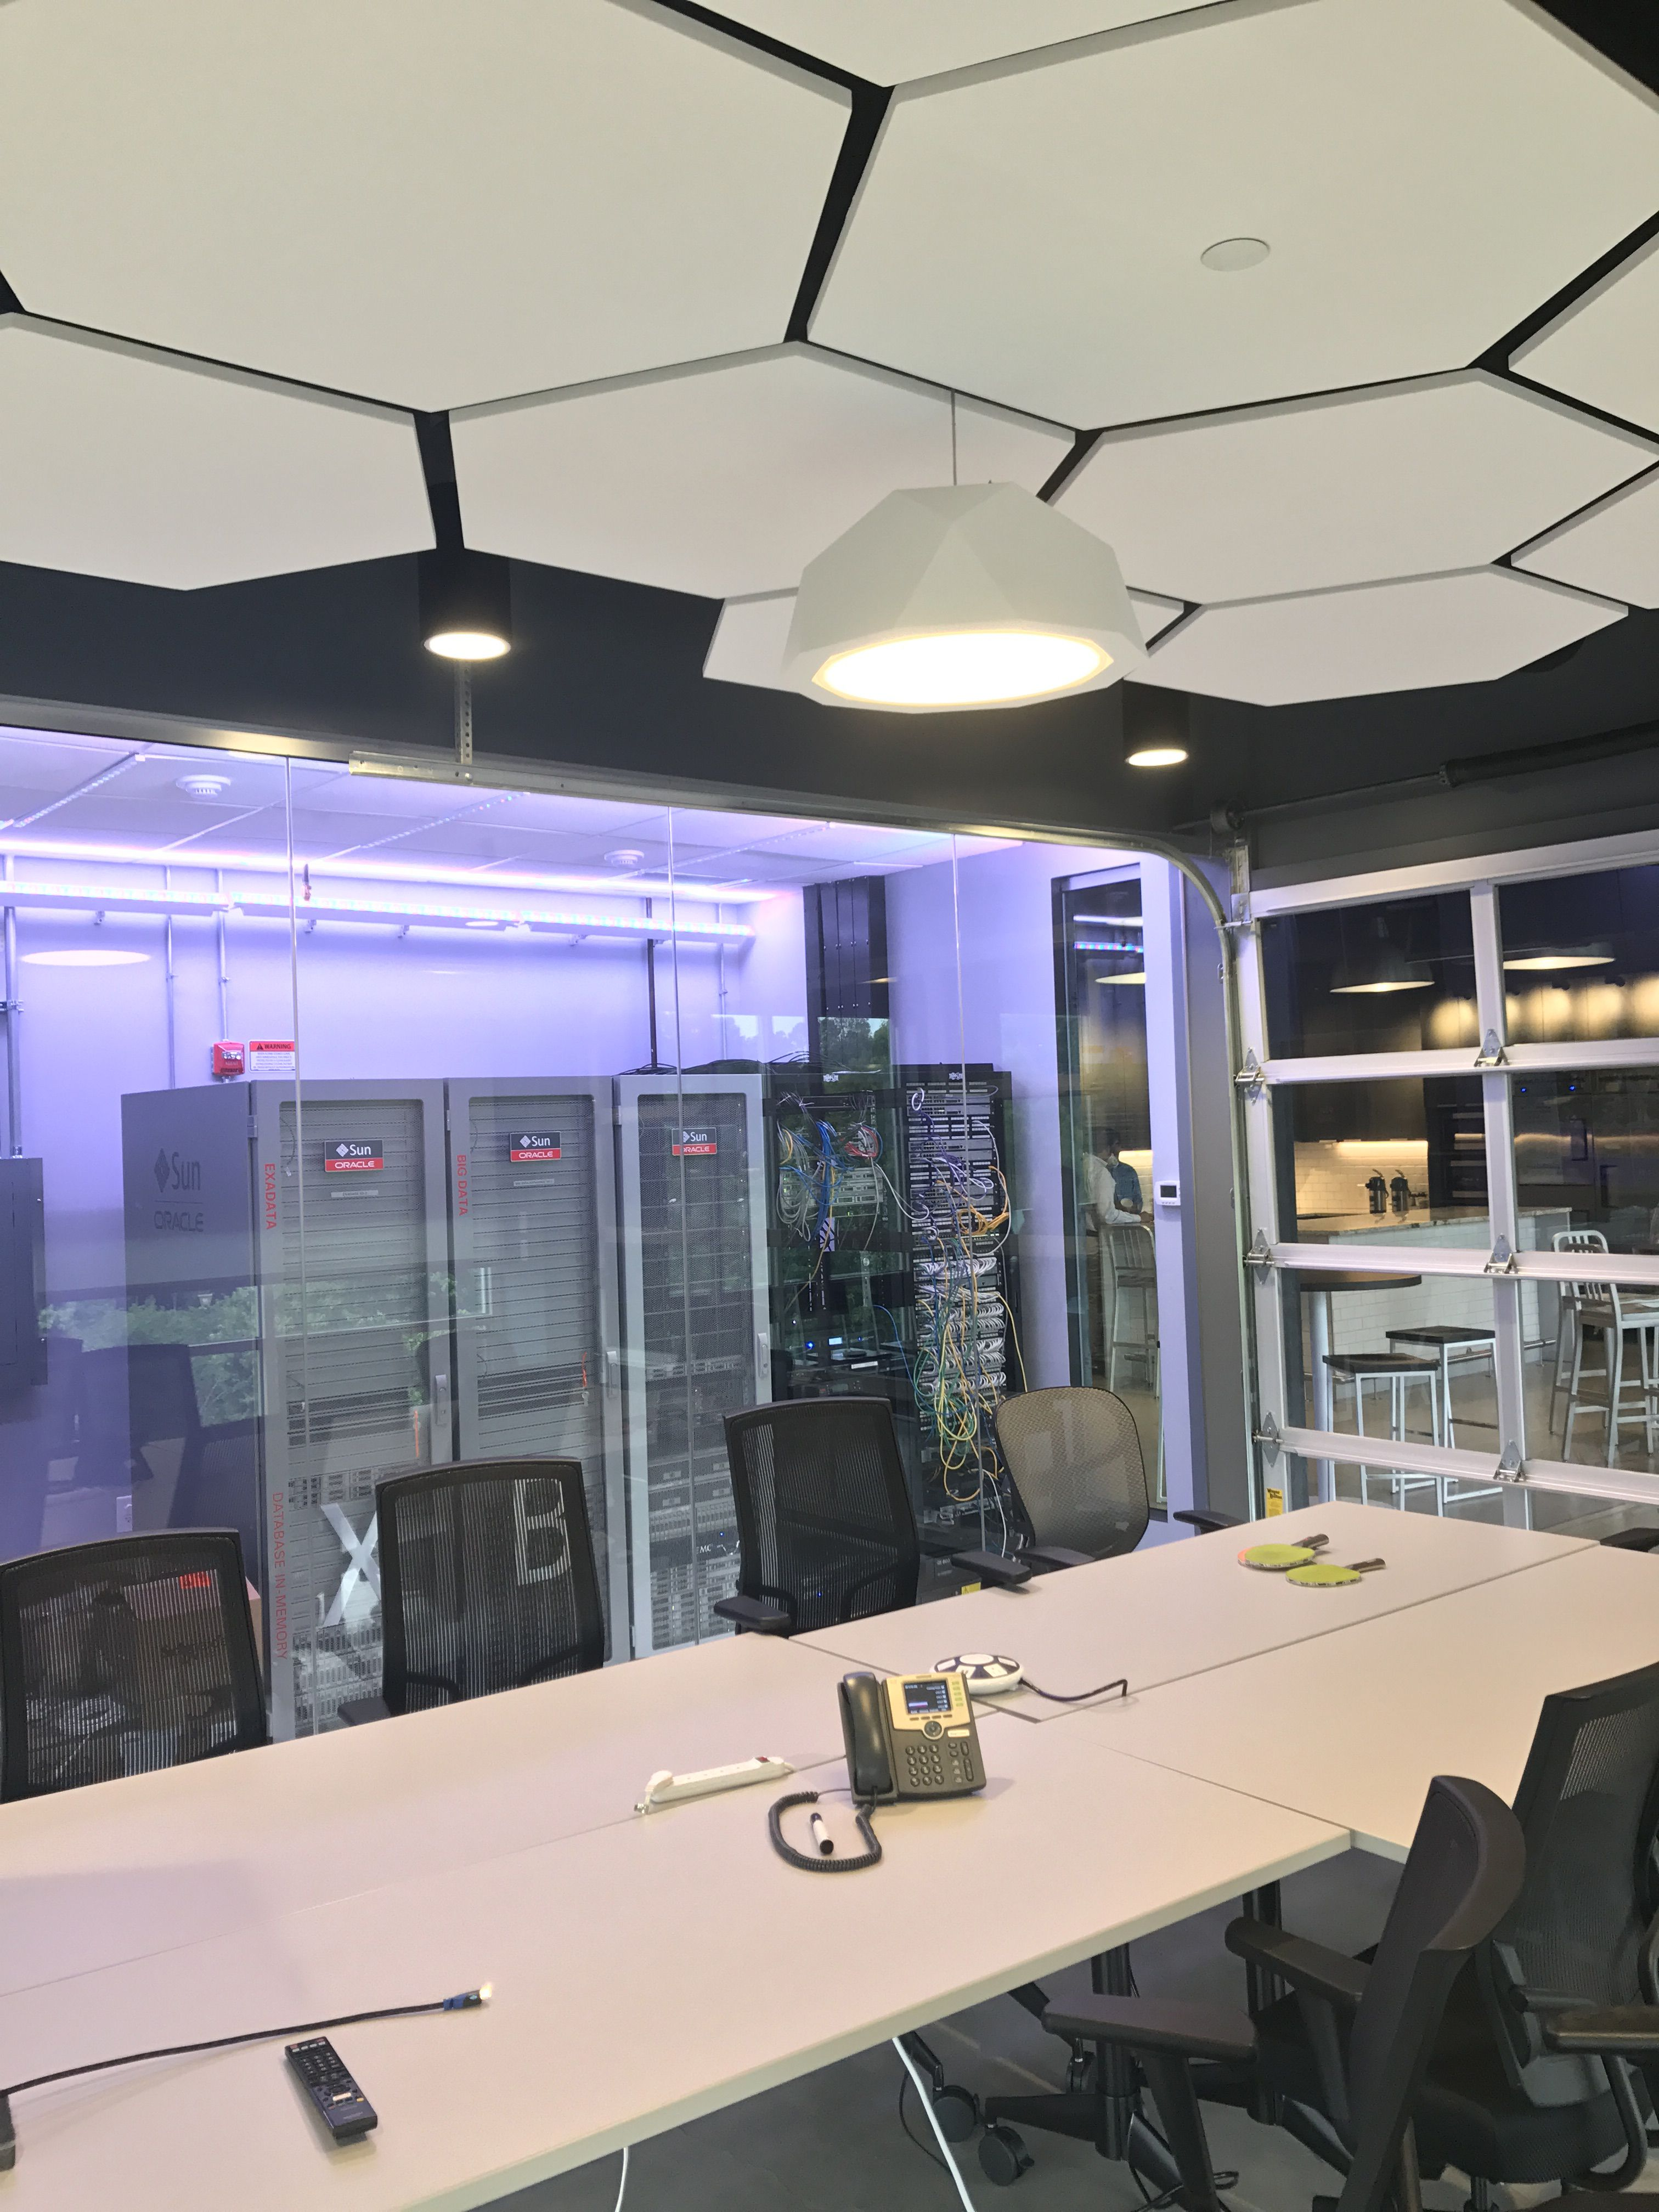 Training Room With Hexagonal Ceiling Tiles And Garage Door Feature